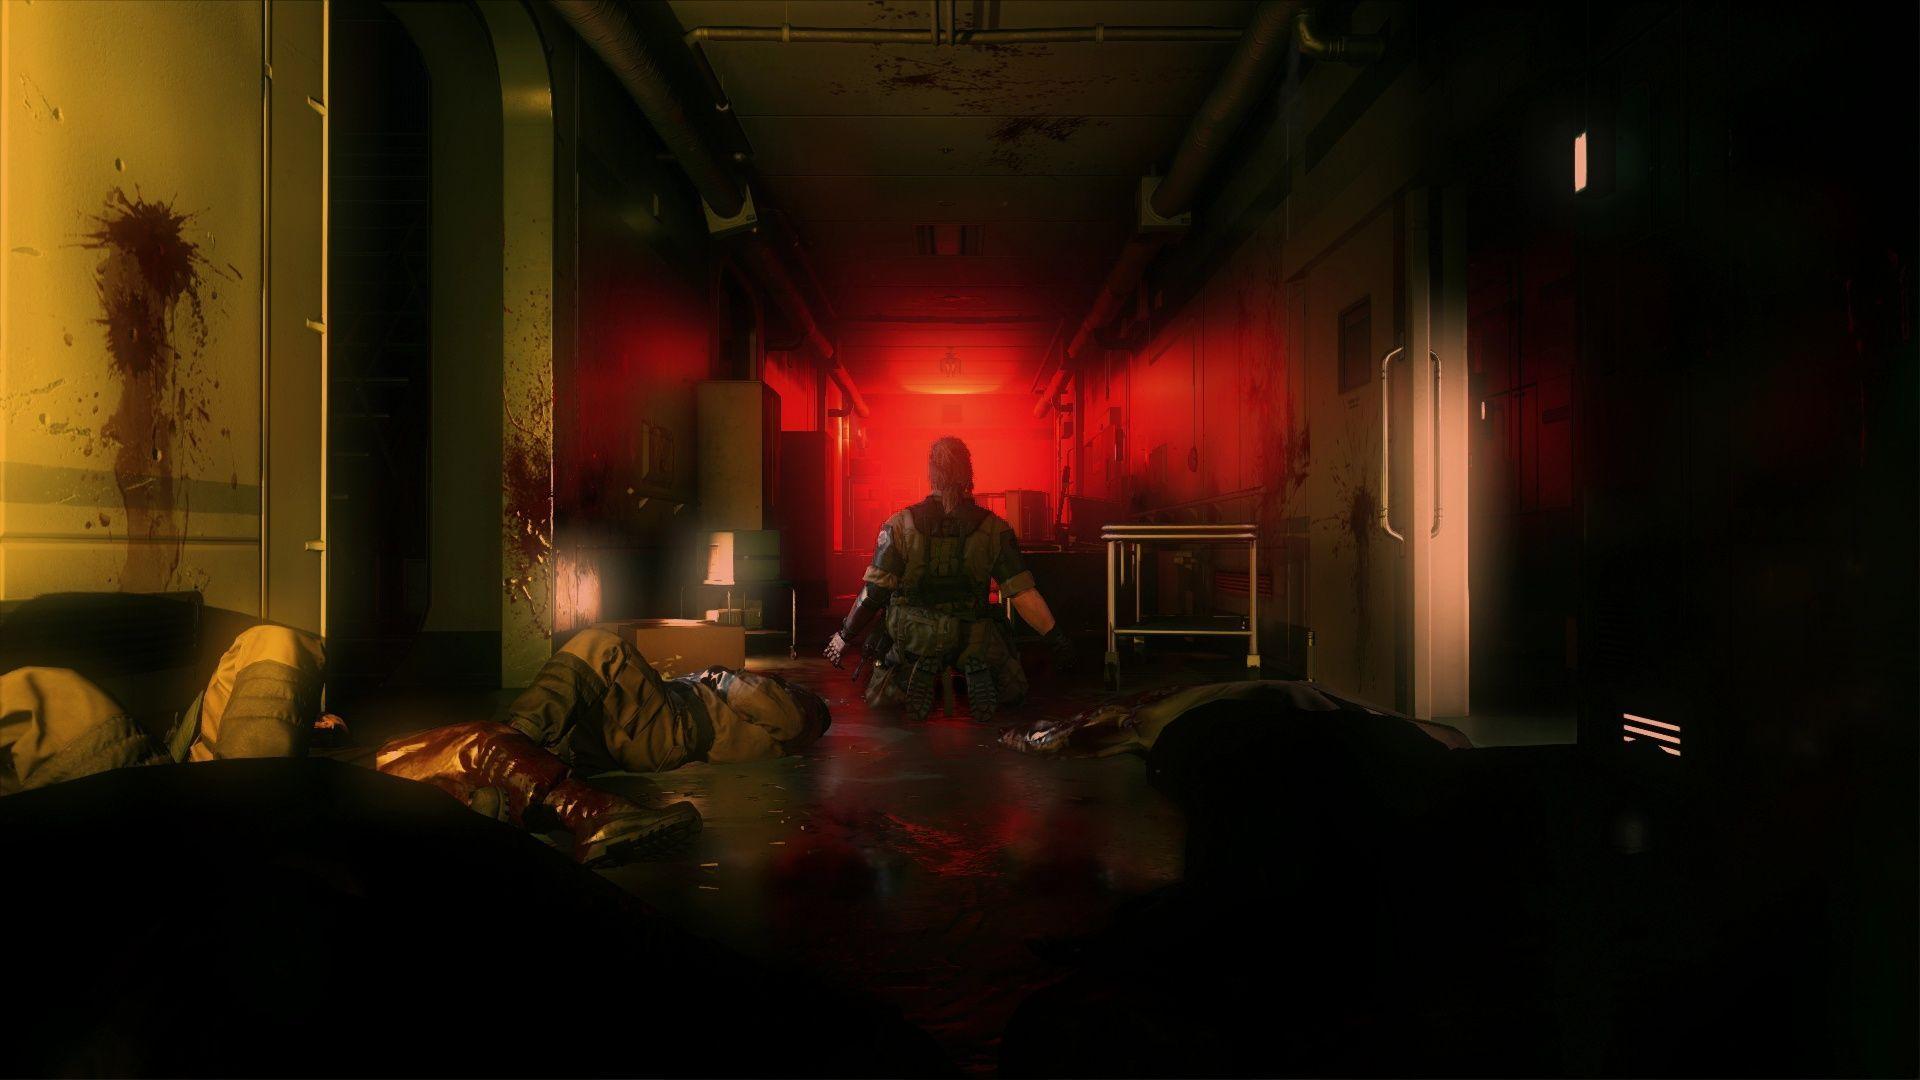 ¿Por qué Huey hace un sabotaje en la Motherbase y se inicia una segunda cepa dentro de esta? (Misión 43)